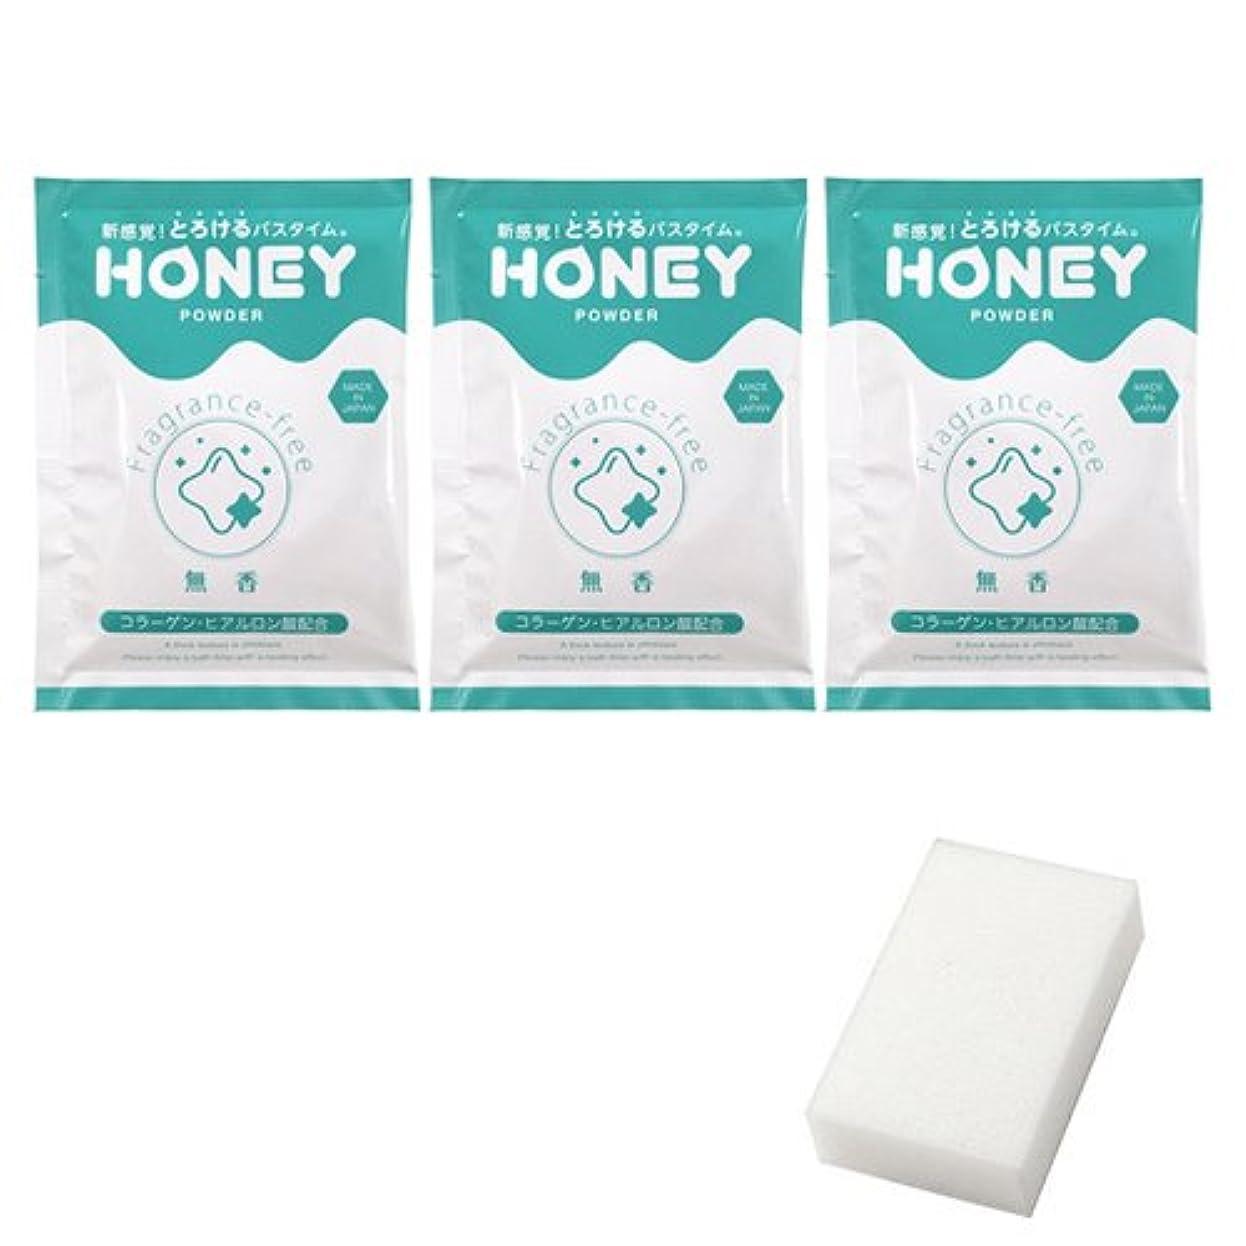 とろとろ入浴剤【honey powder】(ハニーパウダー) 無香タイプ 3個セット + 圧縮スポンジセット